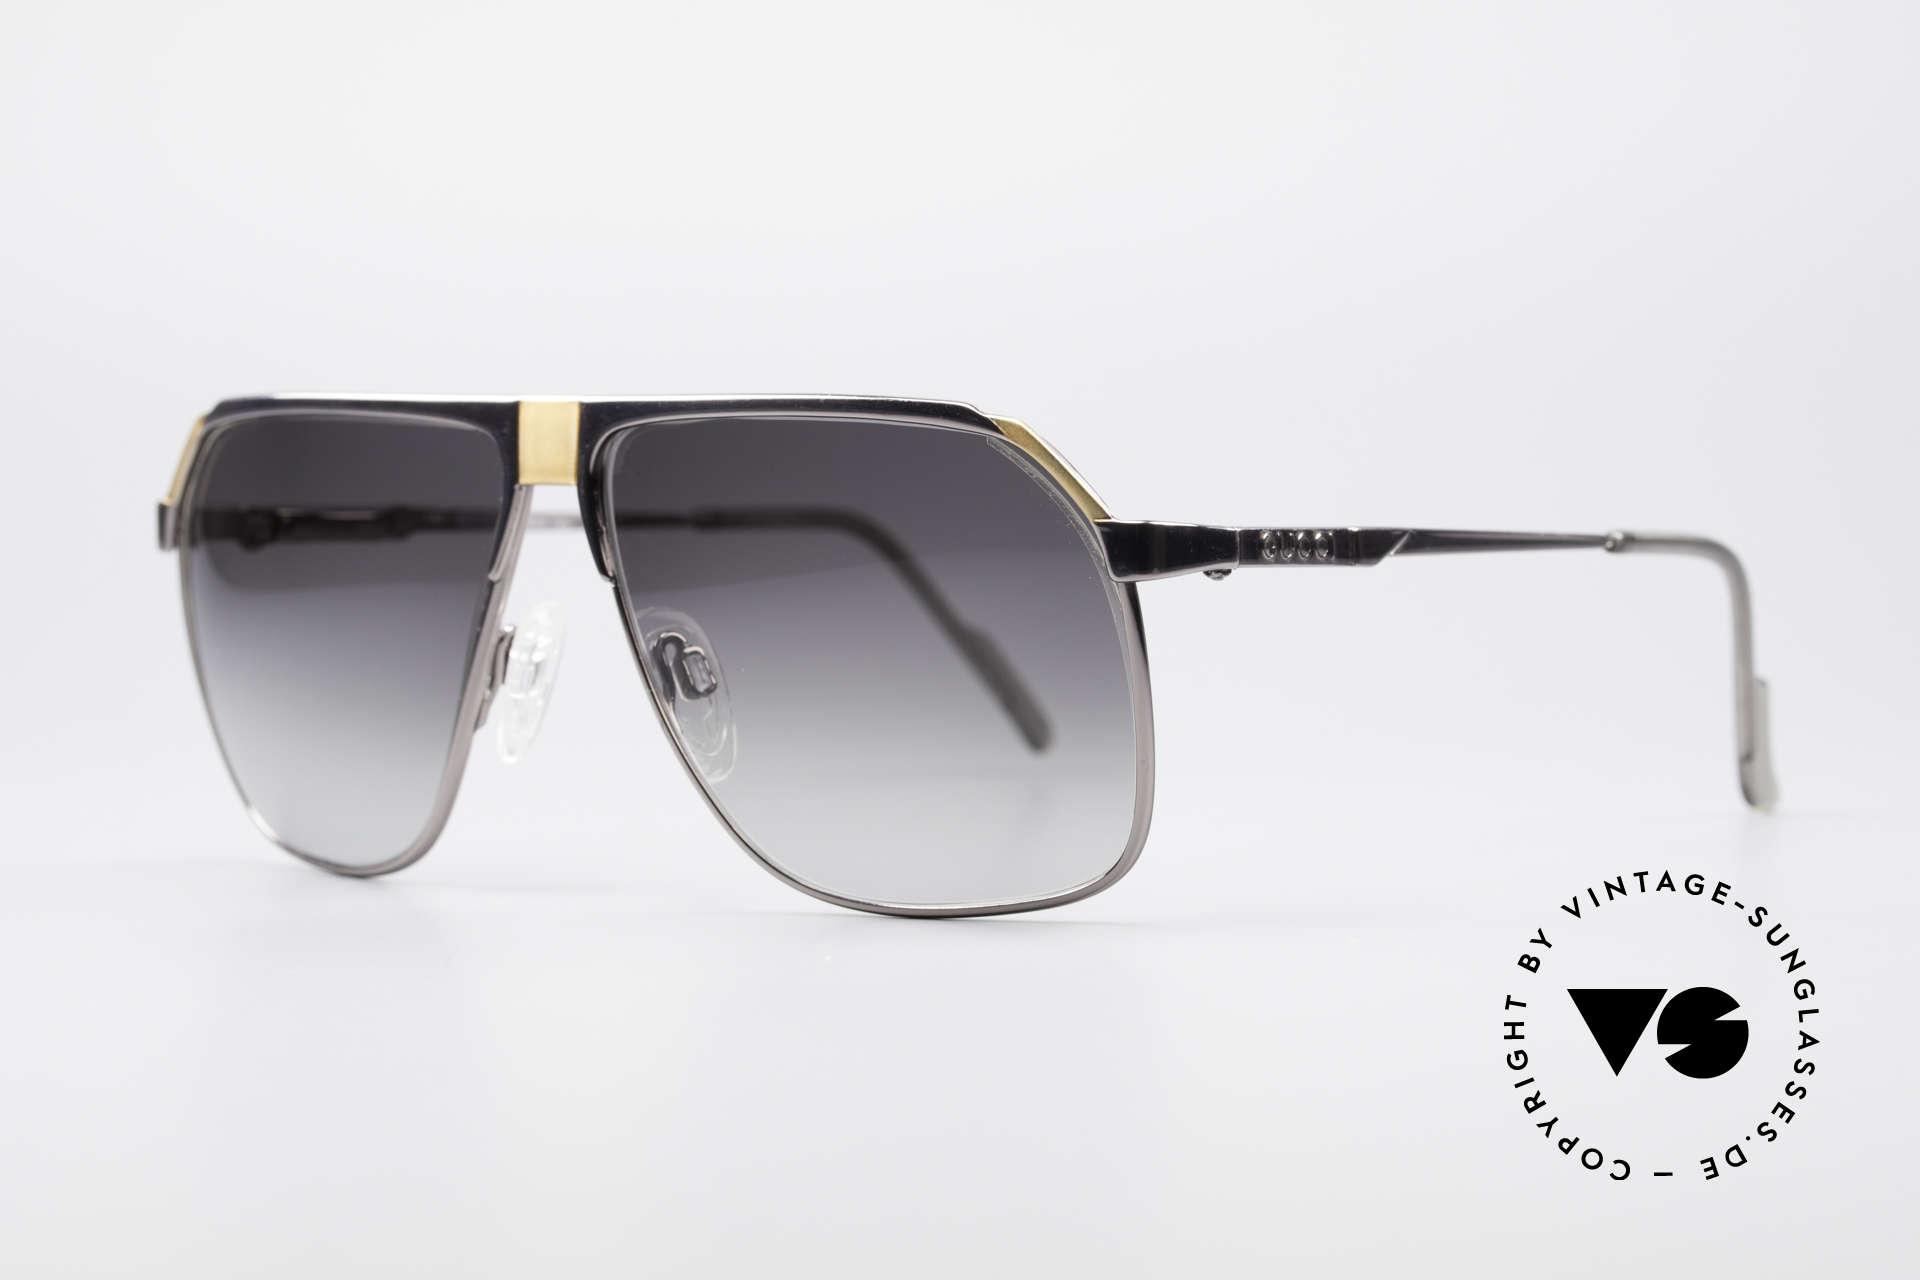 Gucci 1200 80er Luxus Sonnenbrille, Gucci's Pilotenbrillendesign mit Federscharnieren, Passend für Herren